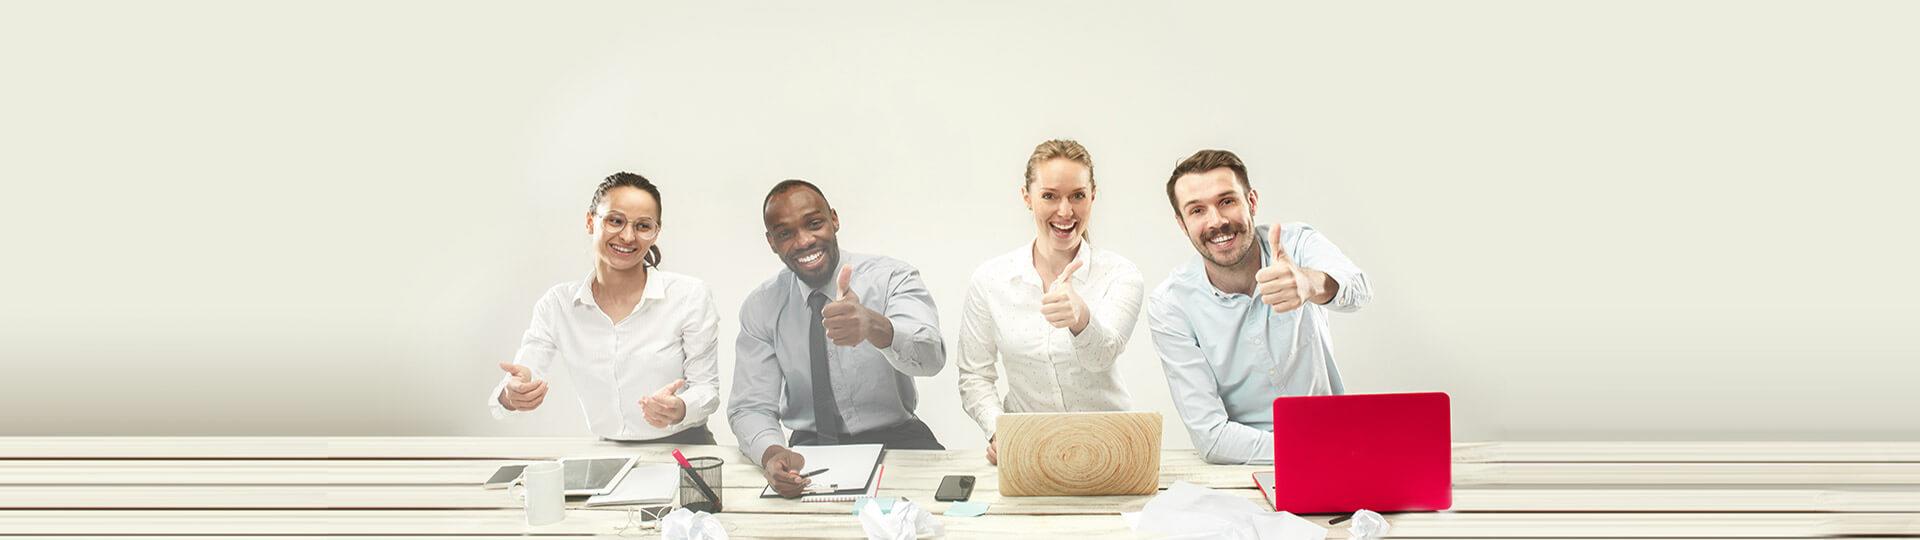 Enquête satisfaction client en ligne